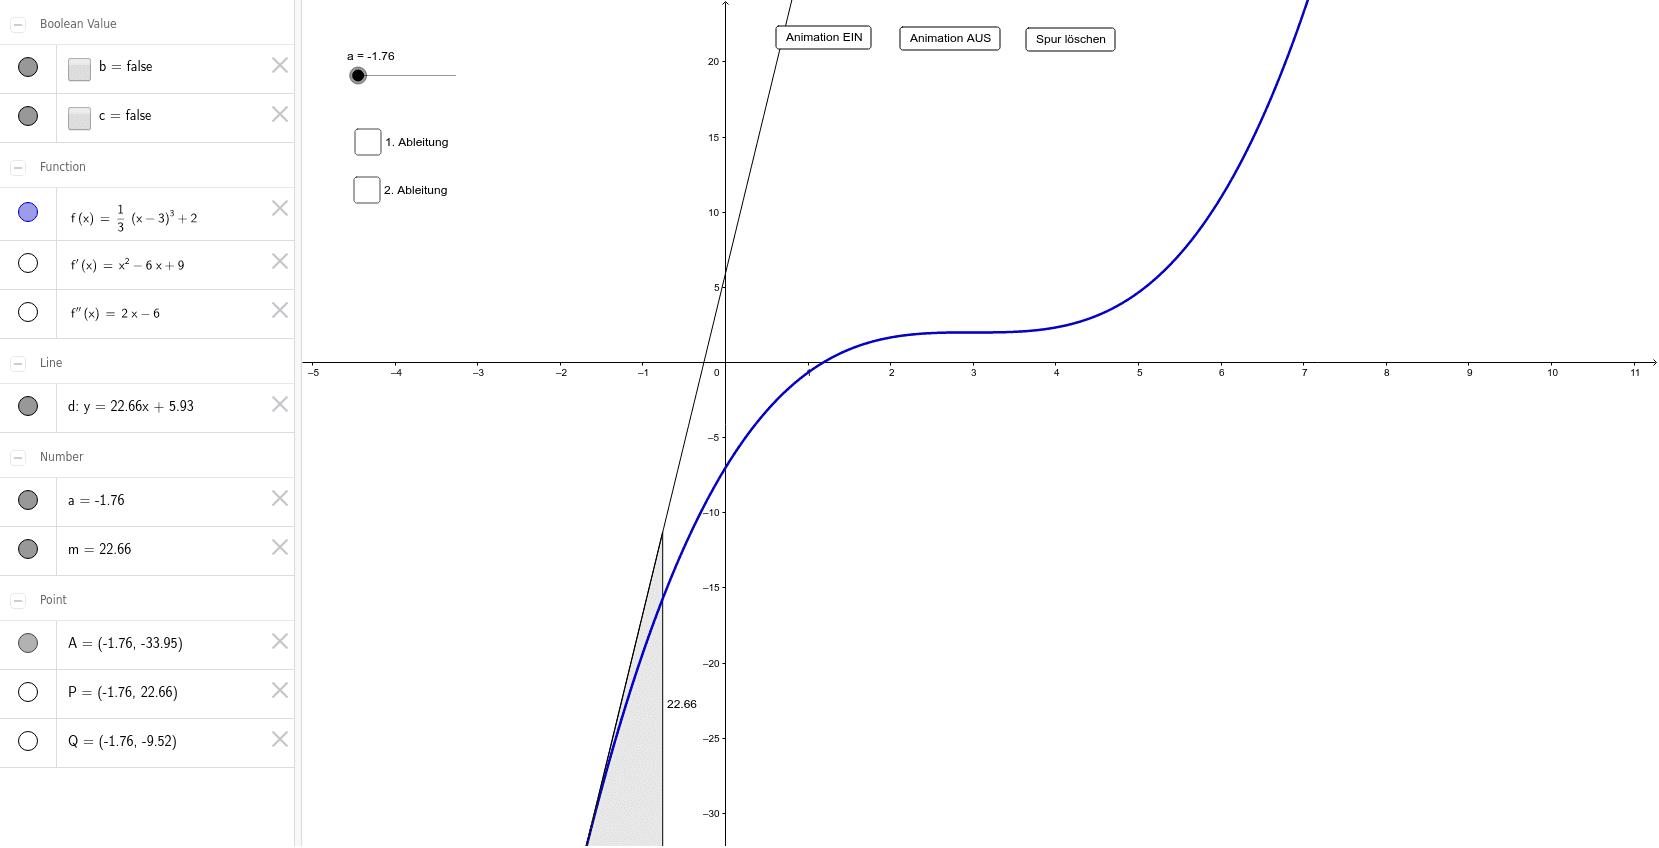 Zusammenhang zwischen erster und zweiter Ableitung im Sattelpunkt Drücke die Eingabetaste um die Aktivität zu starten